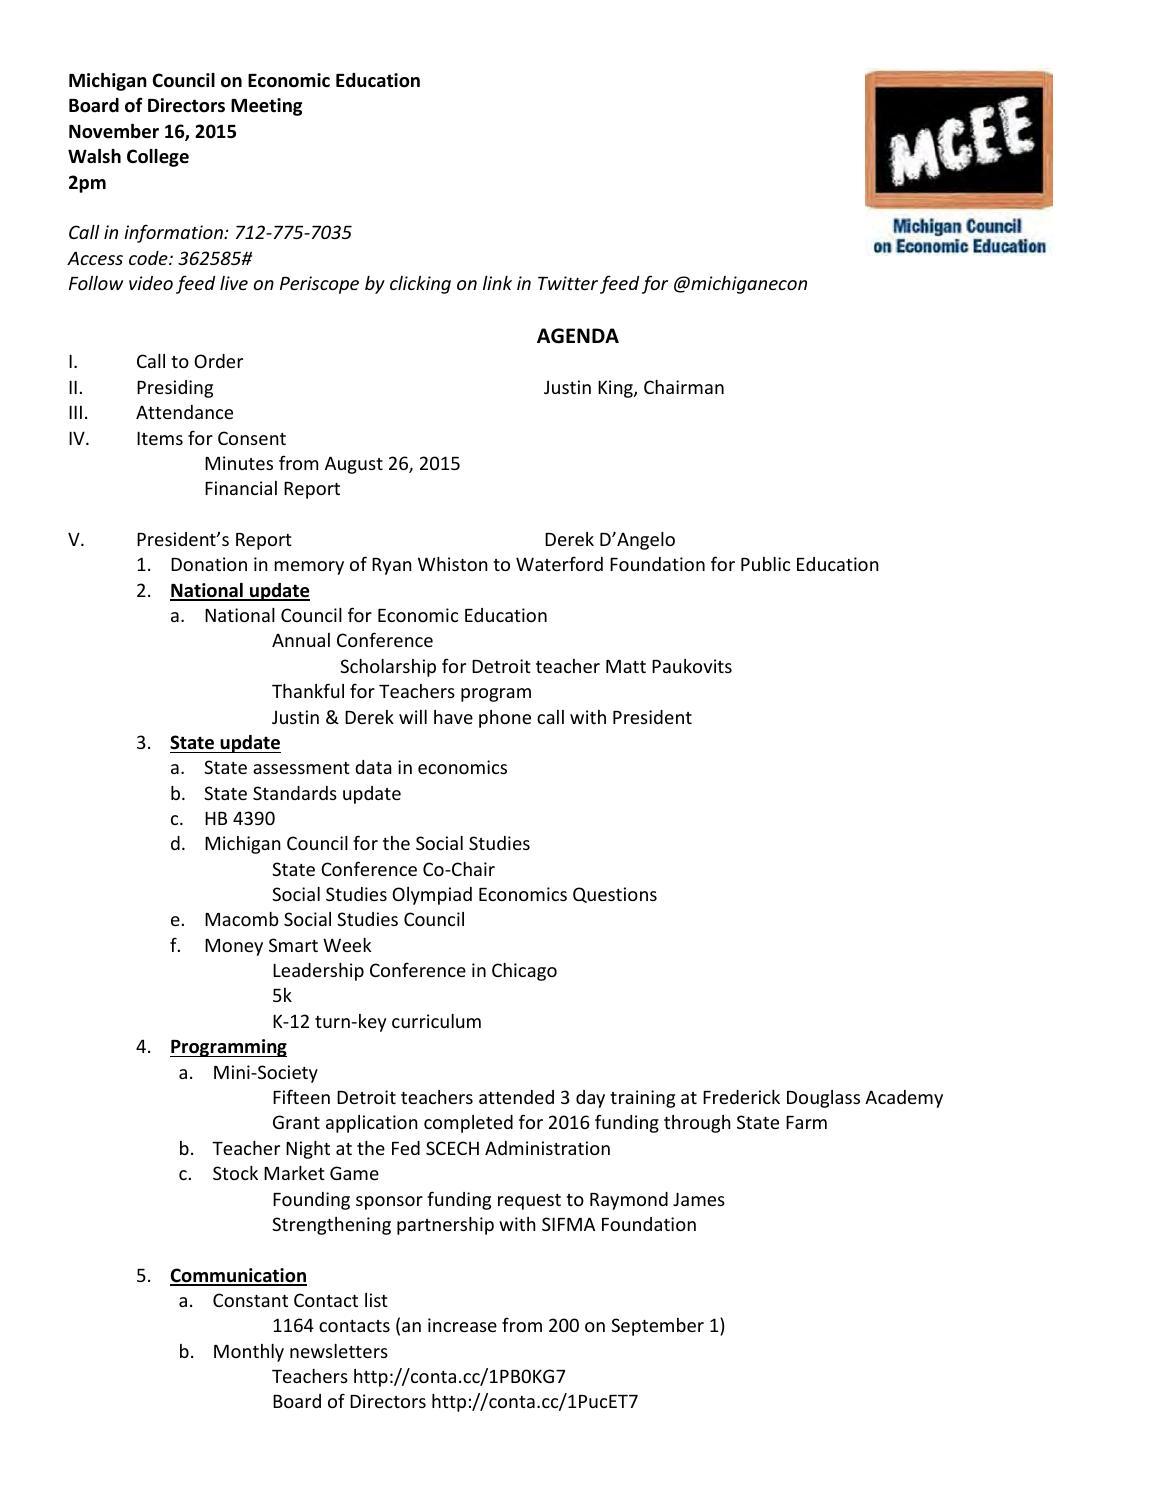 Mcee Board E Packet 11 16 2015 By Derek Dangelo Issuu Dc Motor Drives Electrical Study App Saru Tech